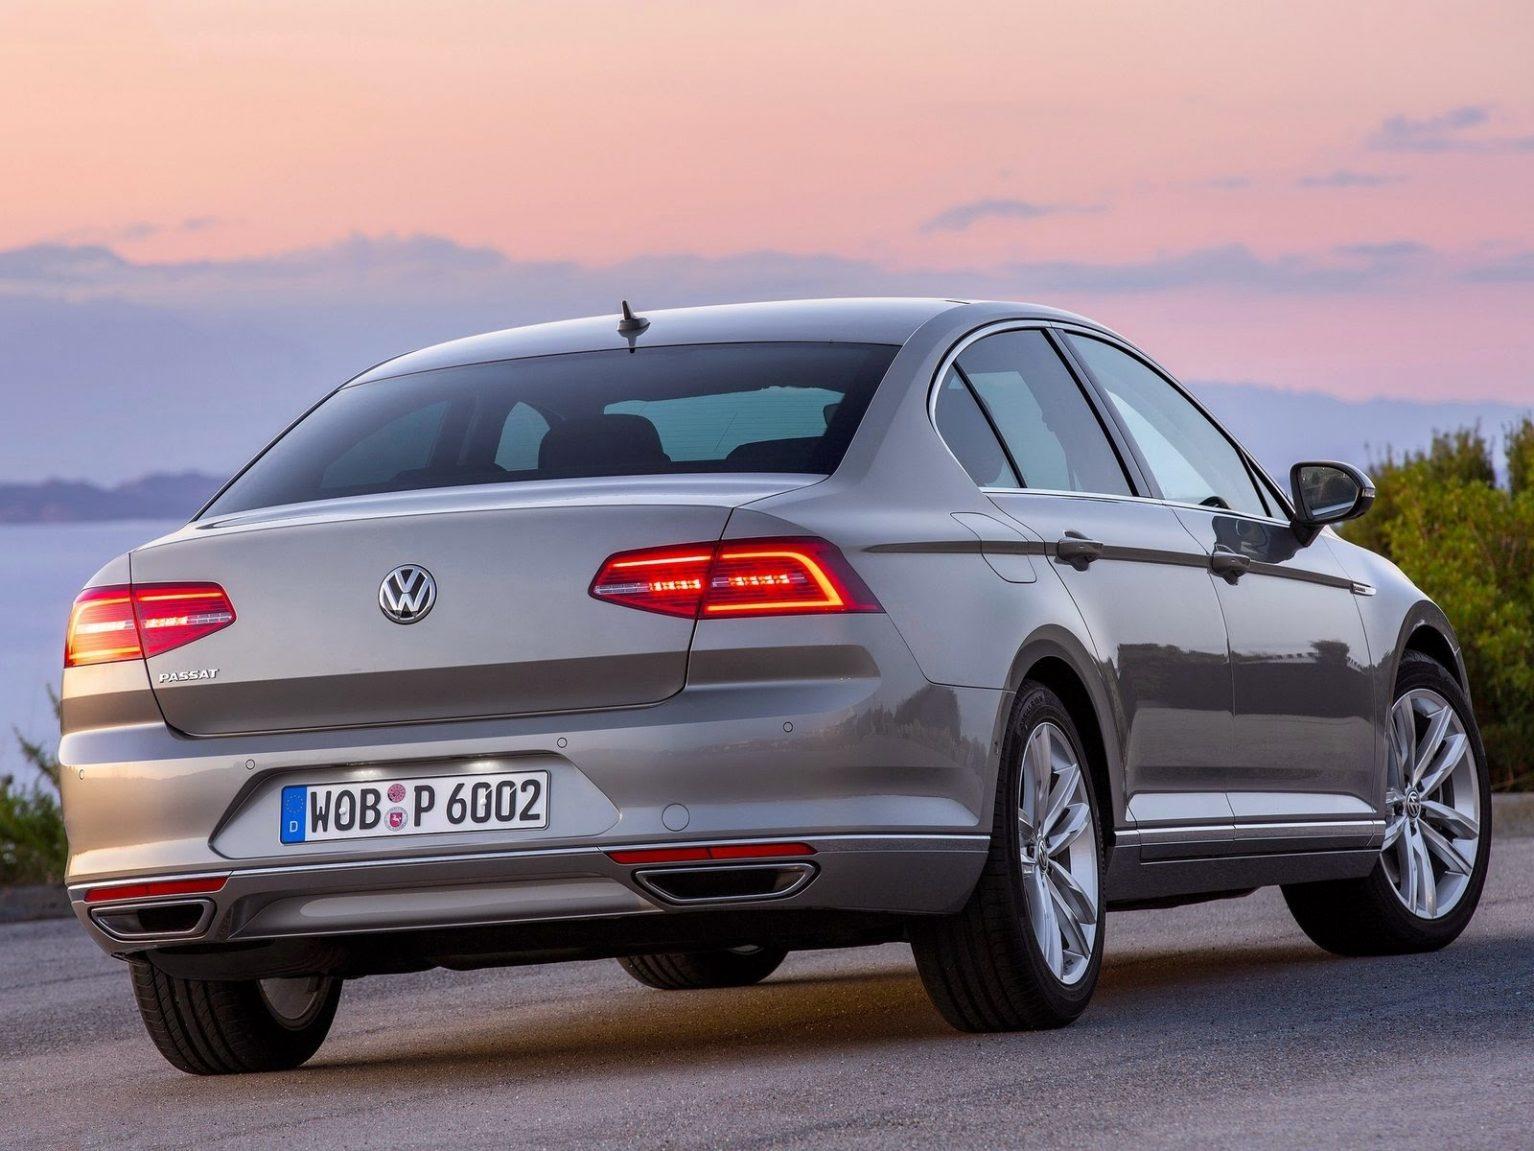 2019 Volkswagen Passat Tail Light HD Wallpapers Autoweikcom 1534x1151